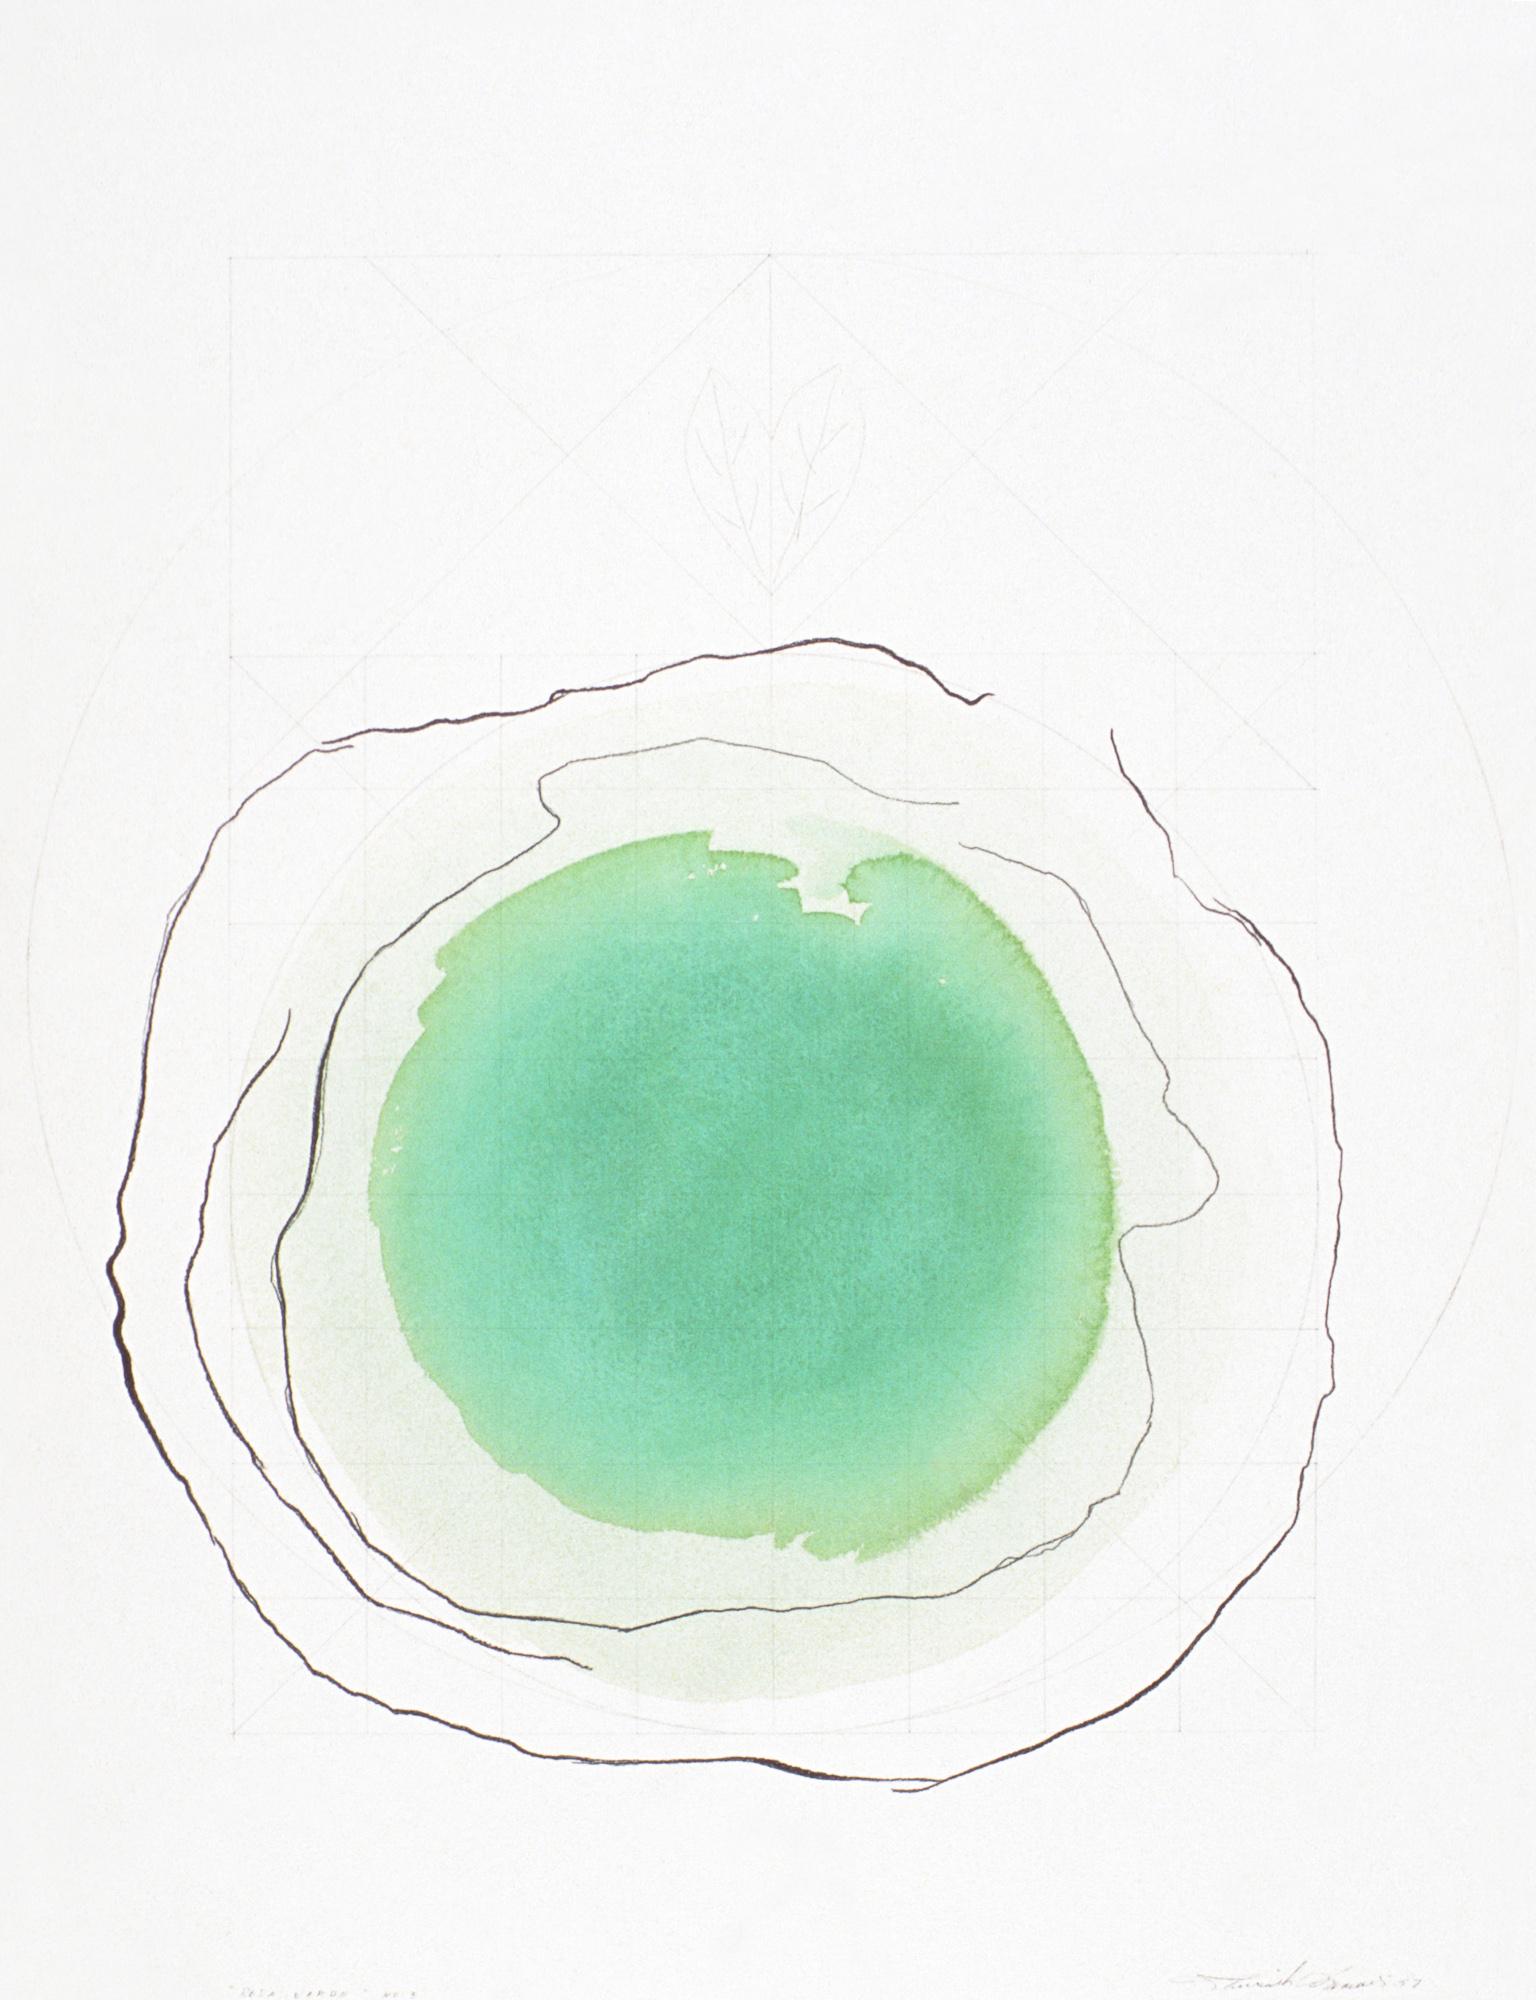 Rosa verde, 1997. Aquarelle et crayon sur papier, 76 x 56 cm.